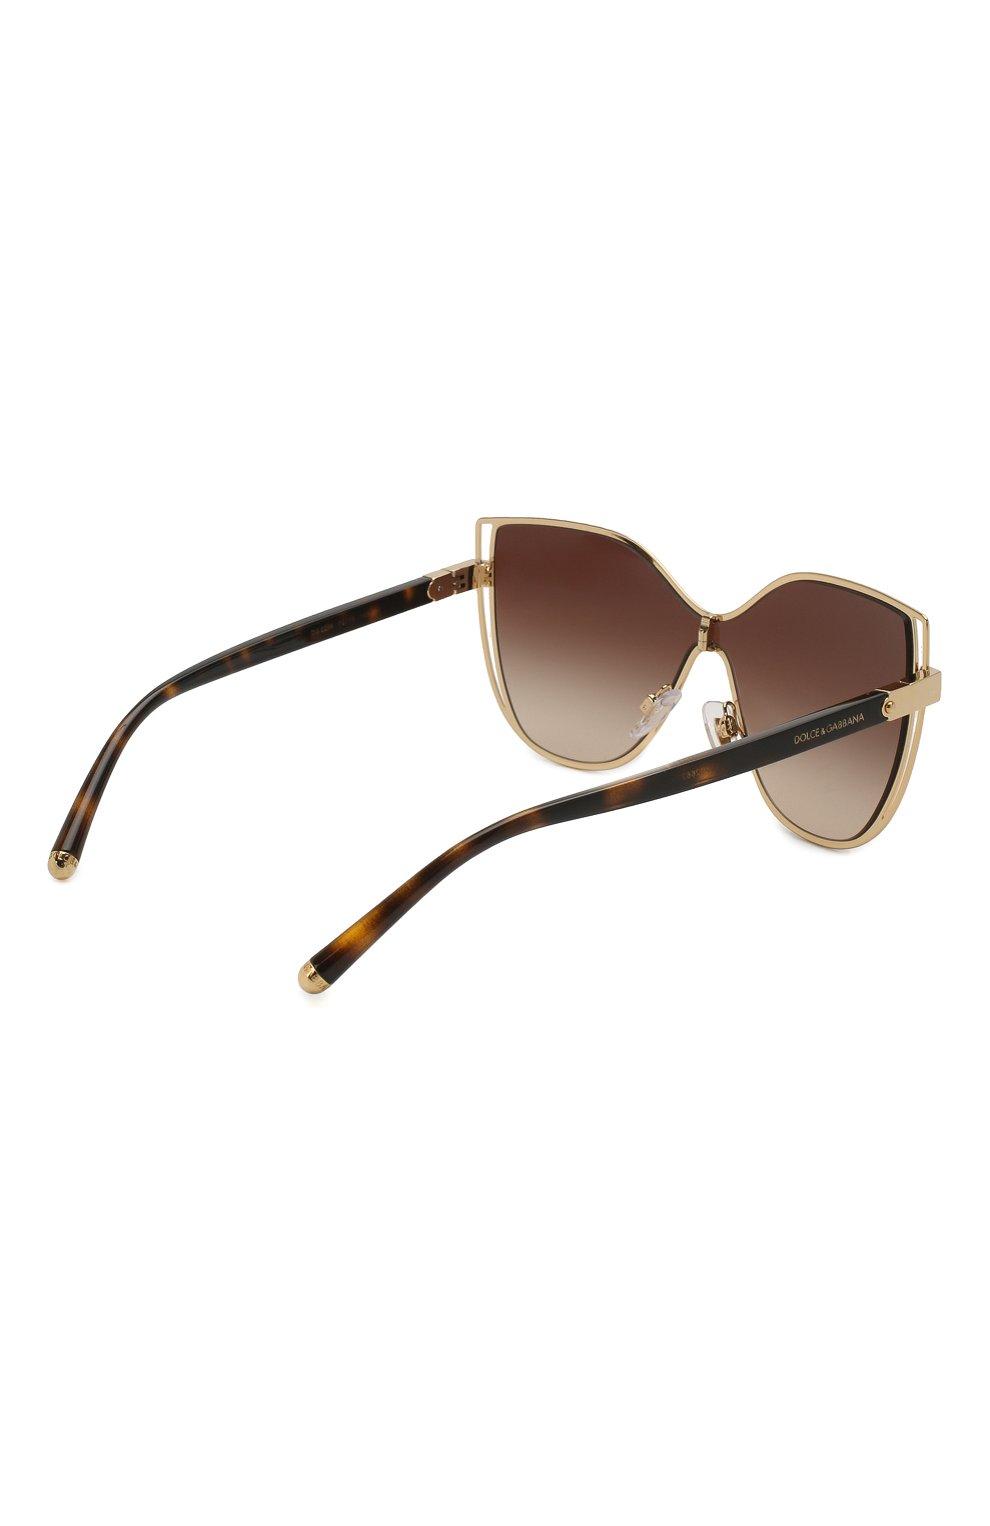 Женские солнцезащитные очки DOLCE & GABBANA коричневого цвета, арт. 2236-02/13 | Фото 4